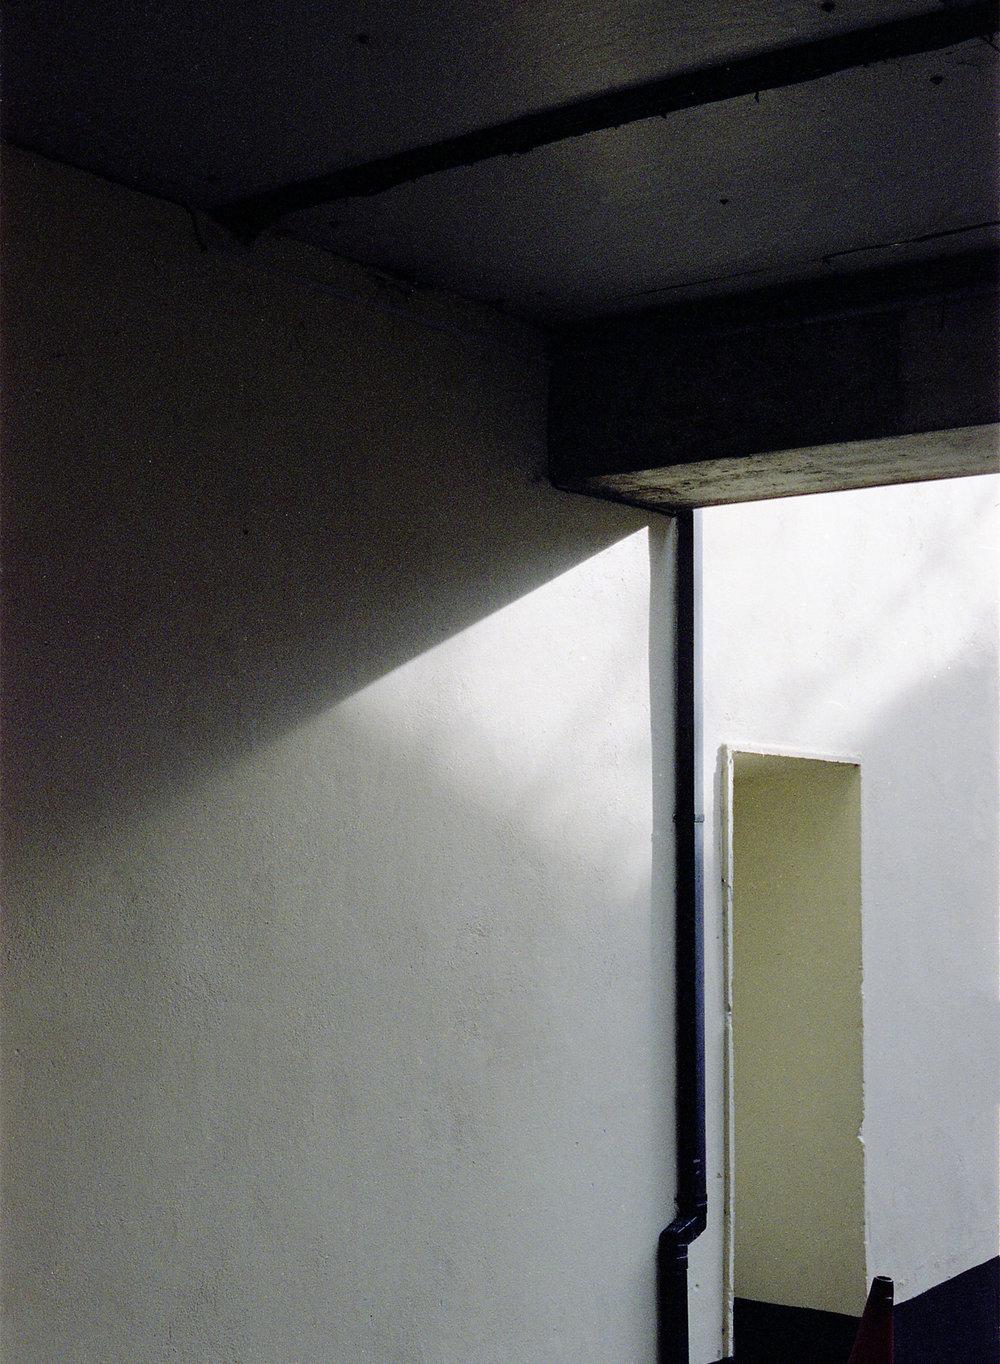 07 light2.jpg